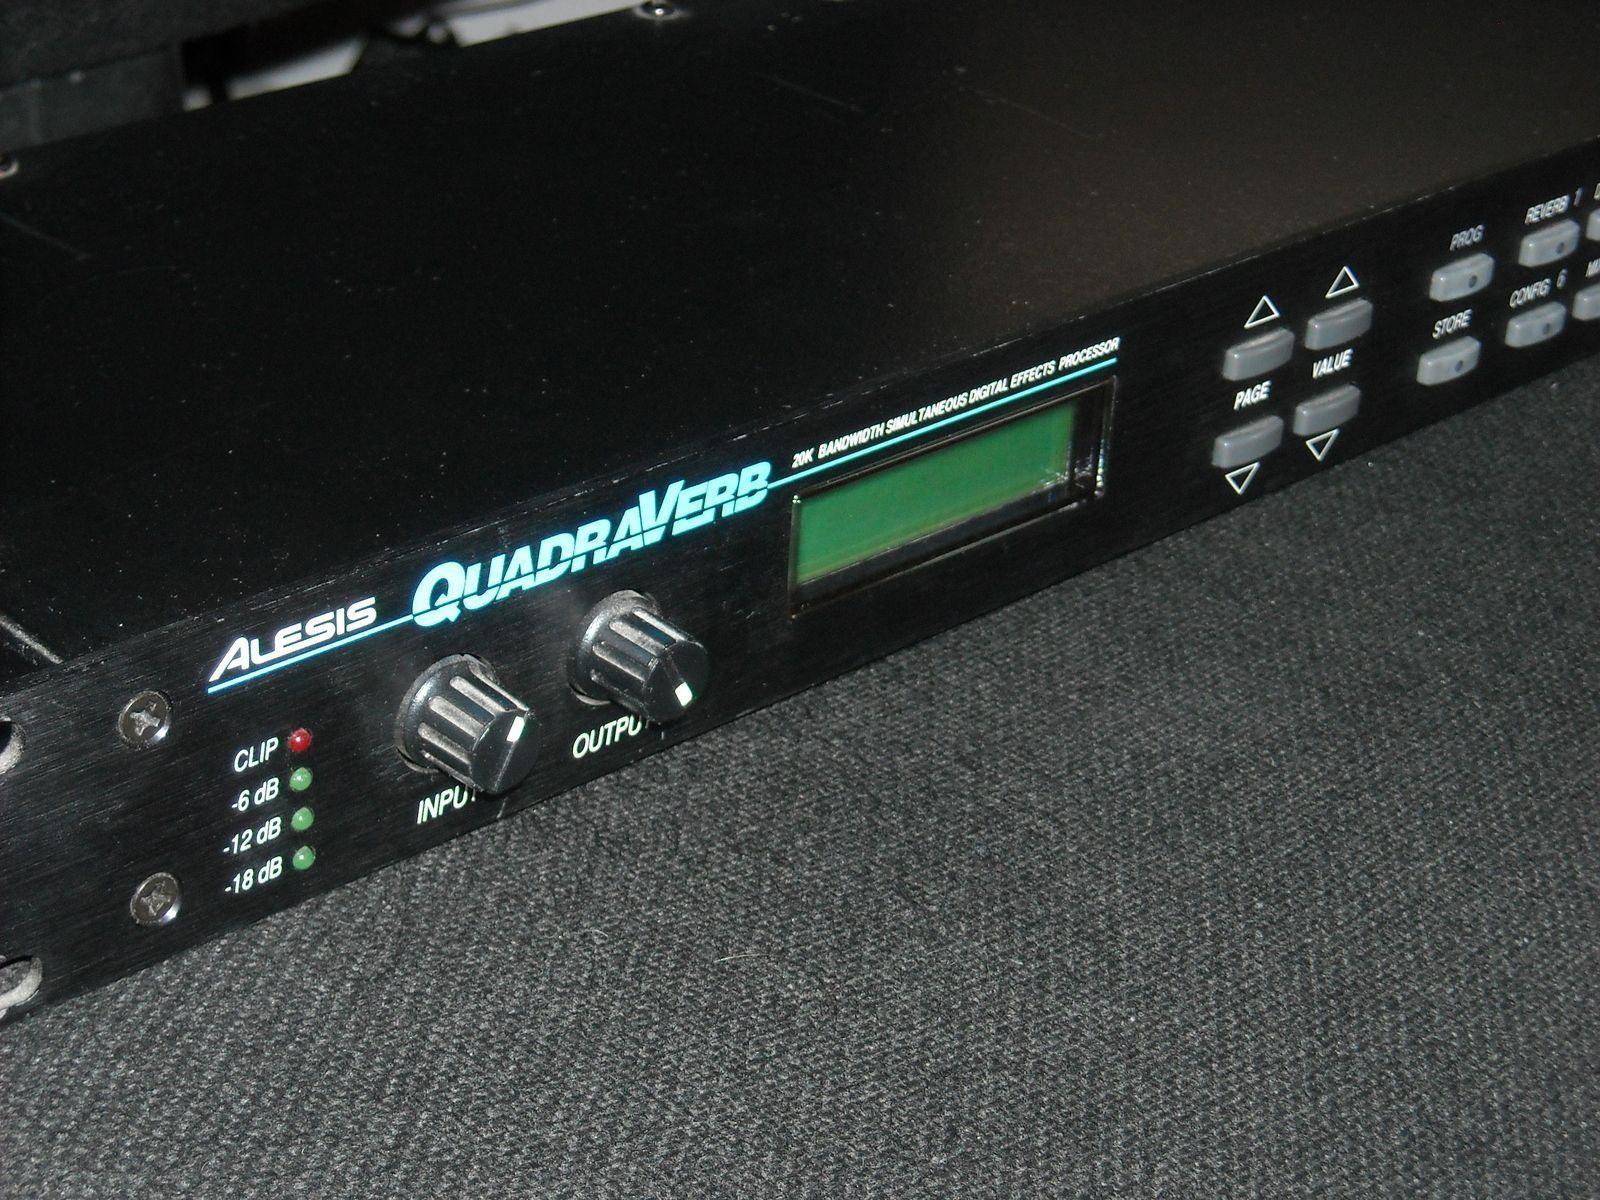 Alesis Quadraverb Plus